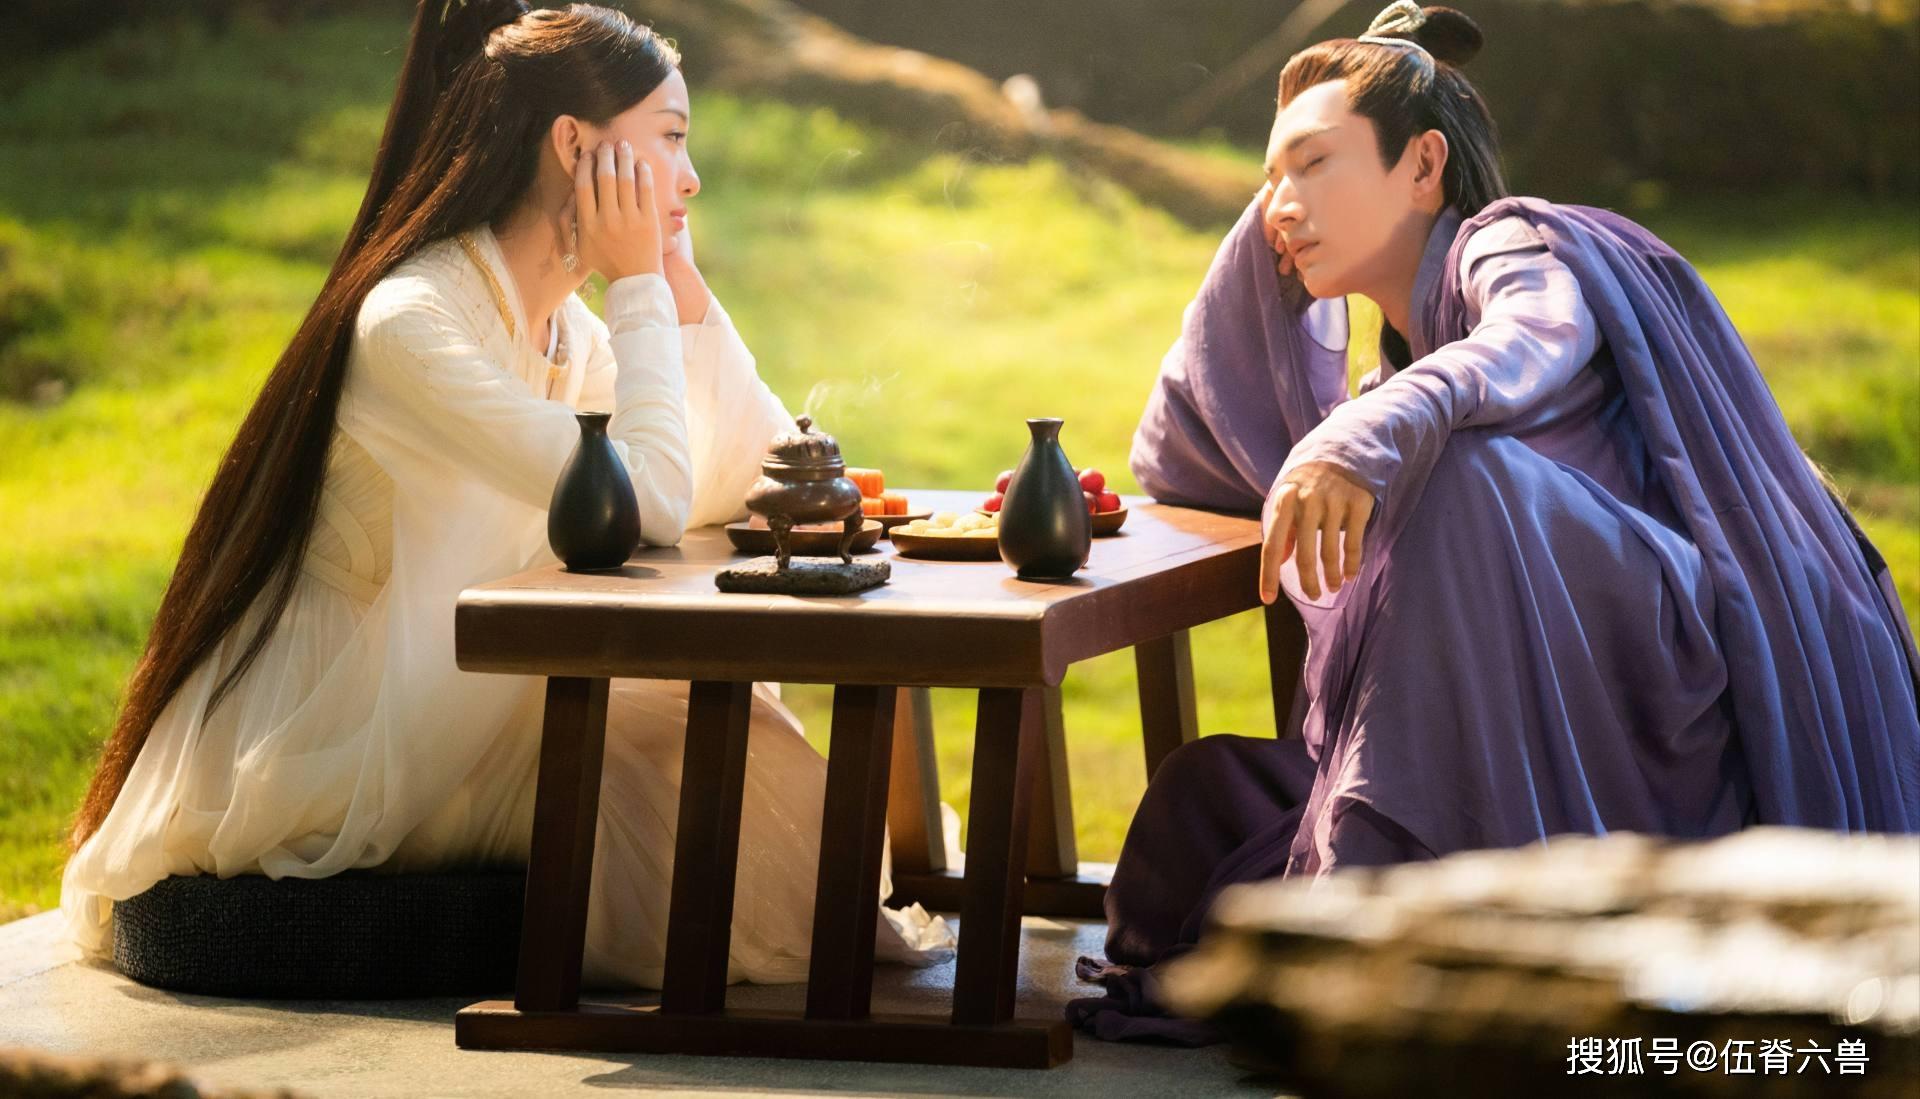 原创 《琉璃》里的昊辰师兄,周冬雨新剧男配,刘学义人设讨喜资源不断